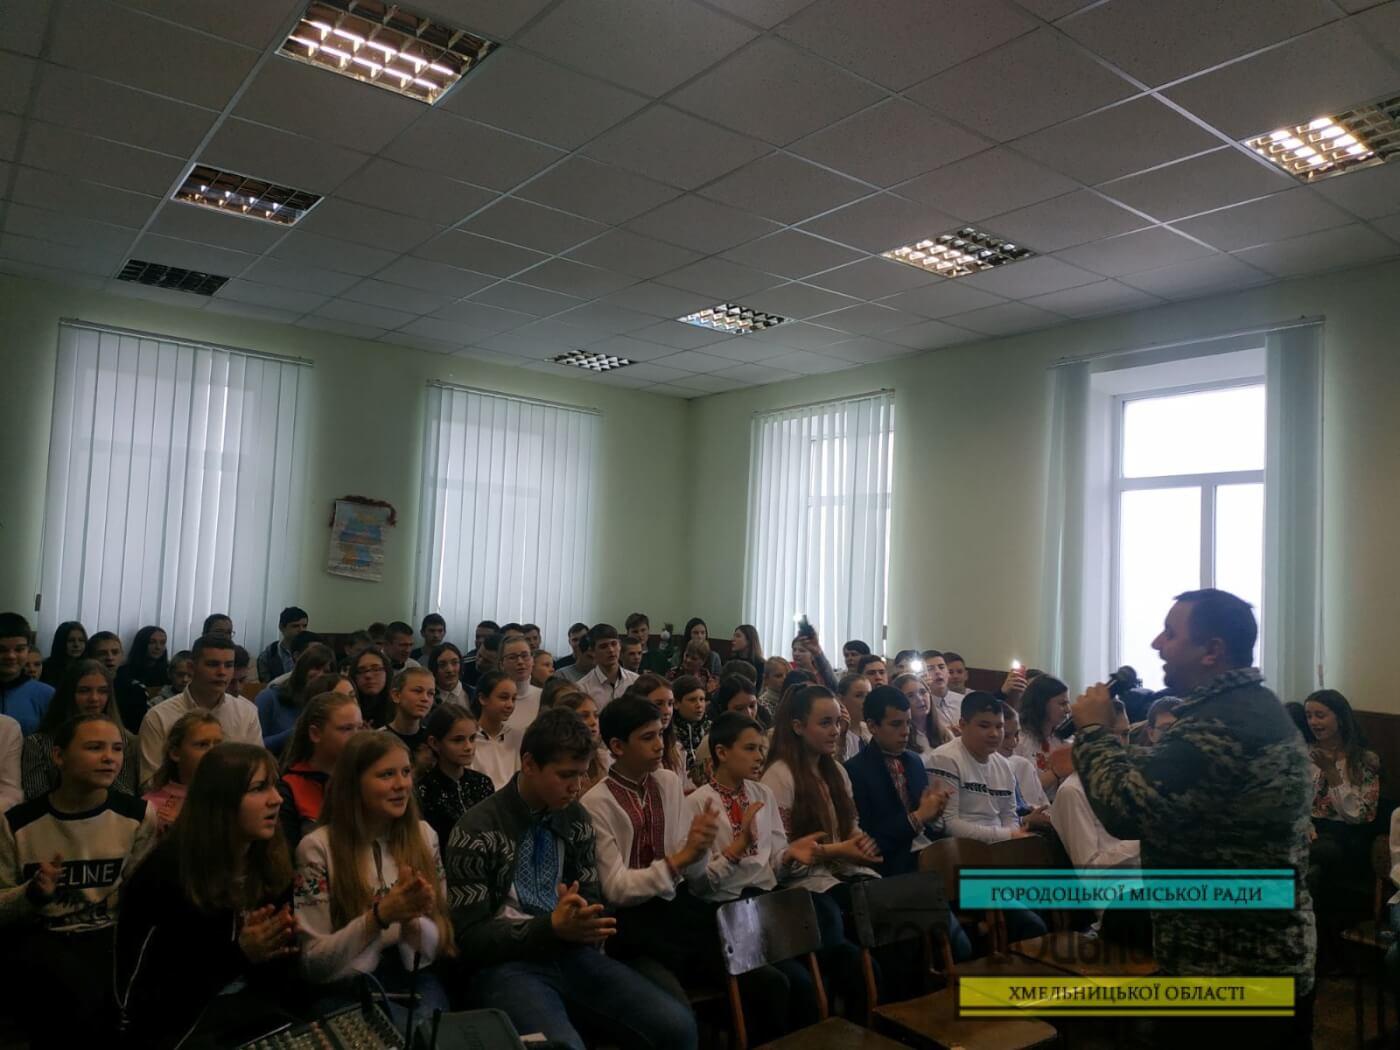 zobrazhennya viber 2019 12 12 09 38 27 - Пісенно-патріотичний урок «Гордімося, друзі, що ми – українці»